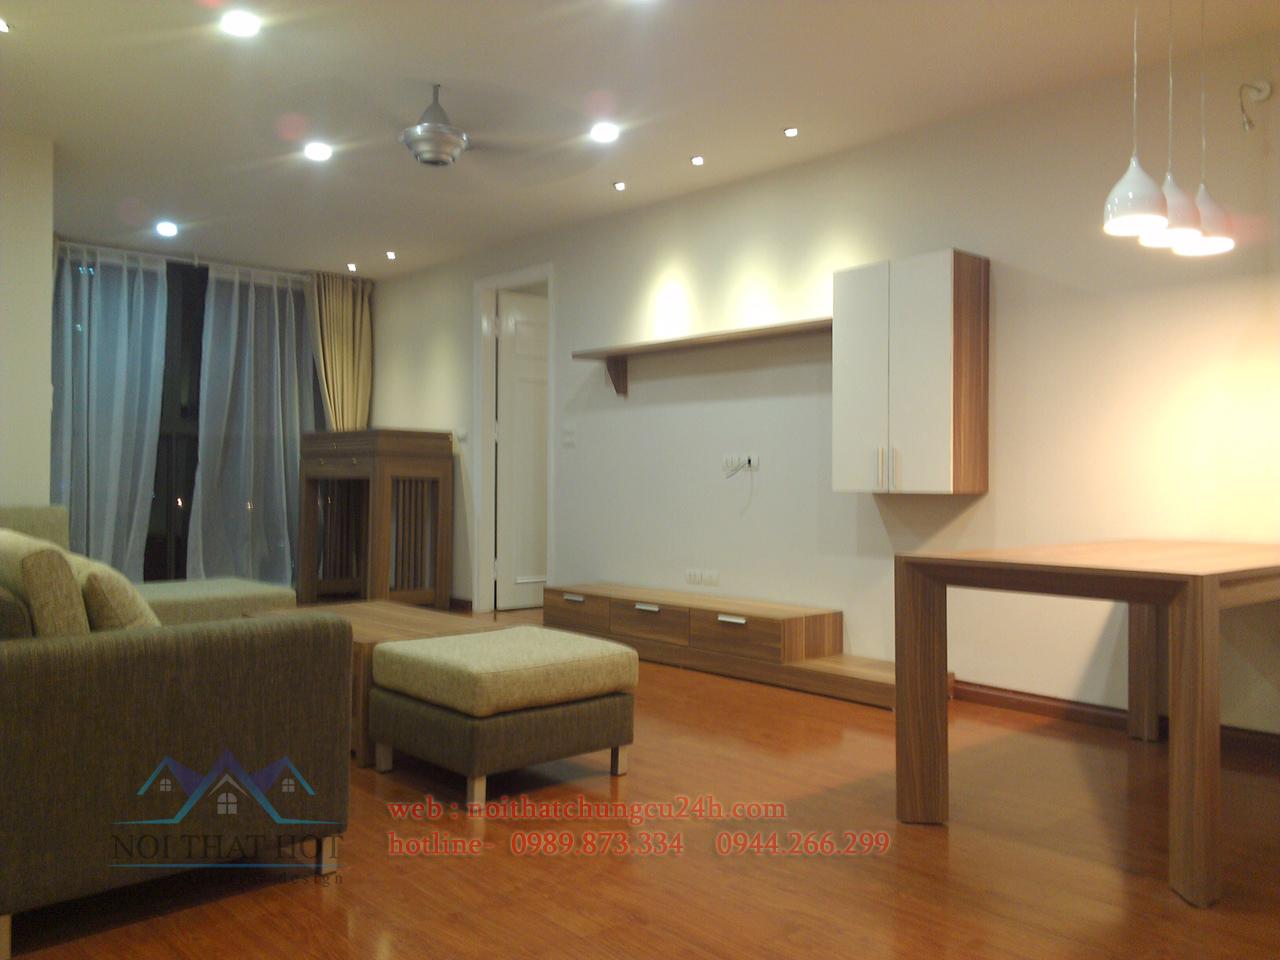 thiết kế nội thất chung cư xa lo hà đông